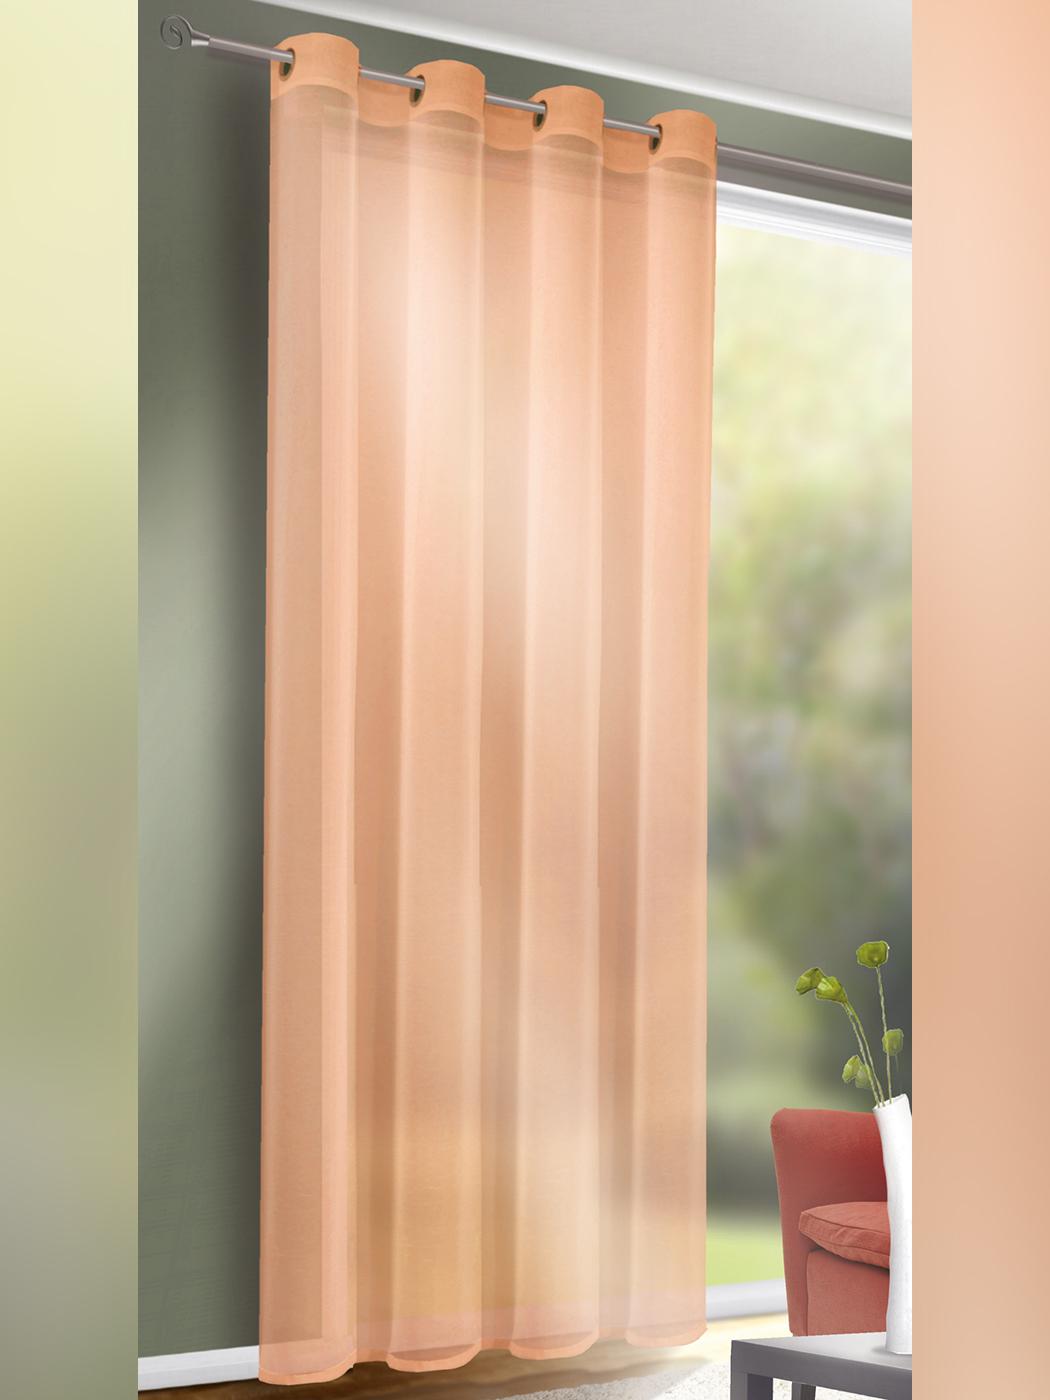 Full Size of Scheibengardine Wohnzimmer 5tlg Gardinen Set Uni Transparent In Gelb Fertiggardine Wandbild Beleuchtung Komplett Kamin Deckenlampe Wandbilder Deko Landhausstil Wohnzimmer Scheibengardine Wohnzimmer